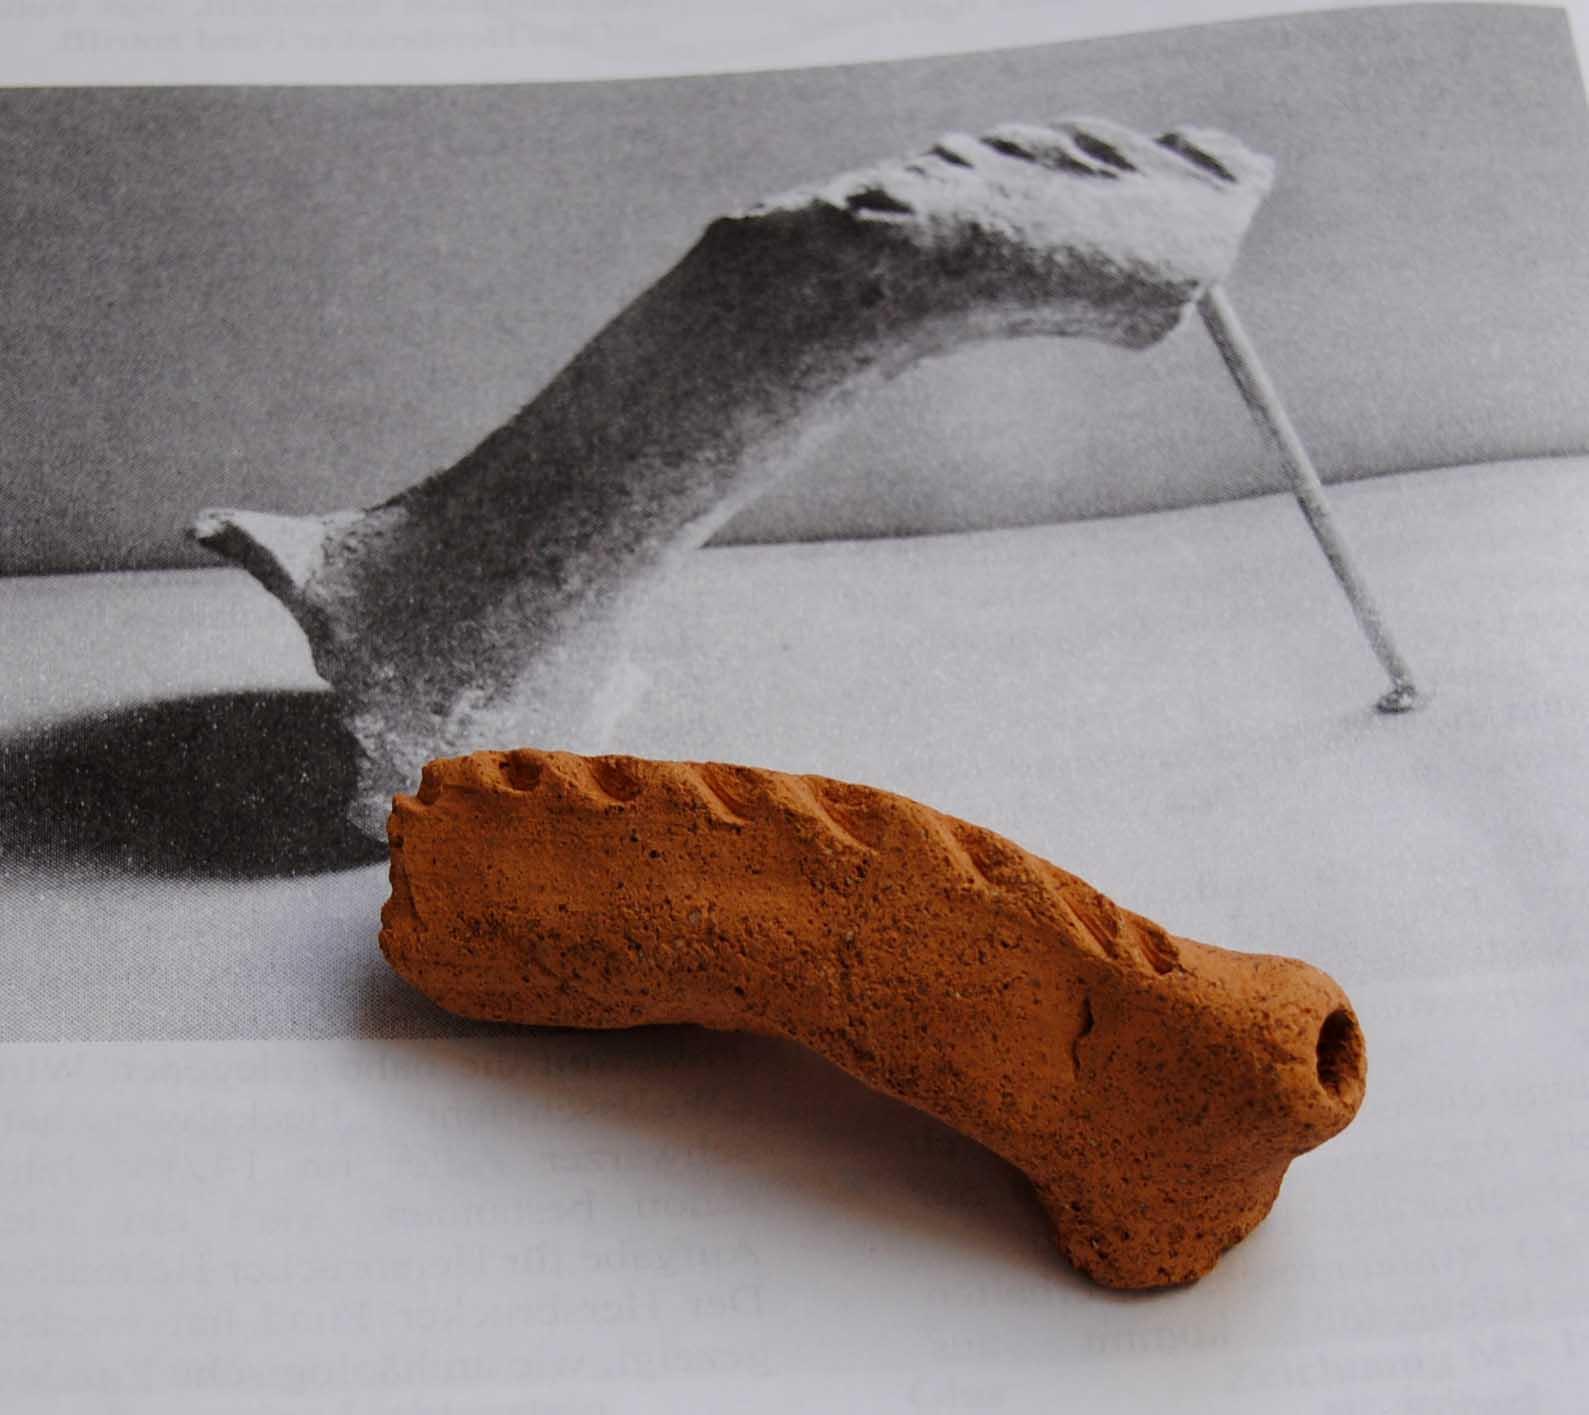 Griffstück-Fragment eines mittelalterlichen Aquamanile vor abgebildetem Vergleichsstück